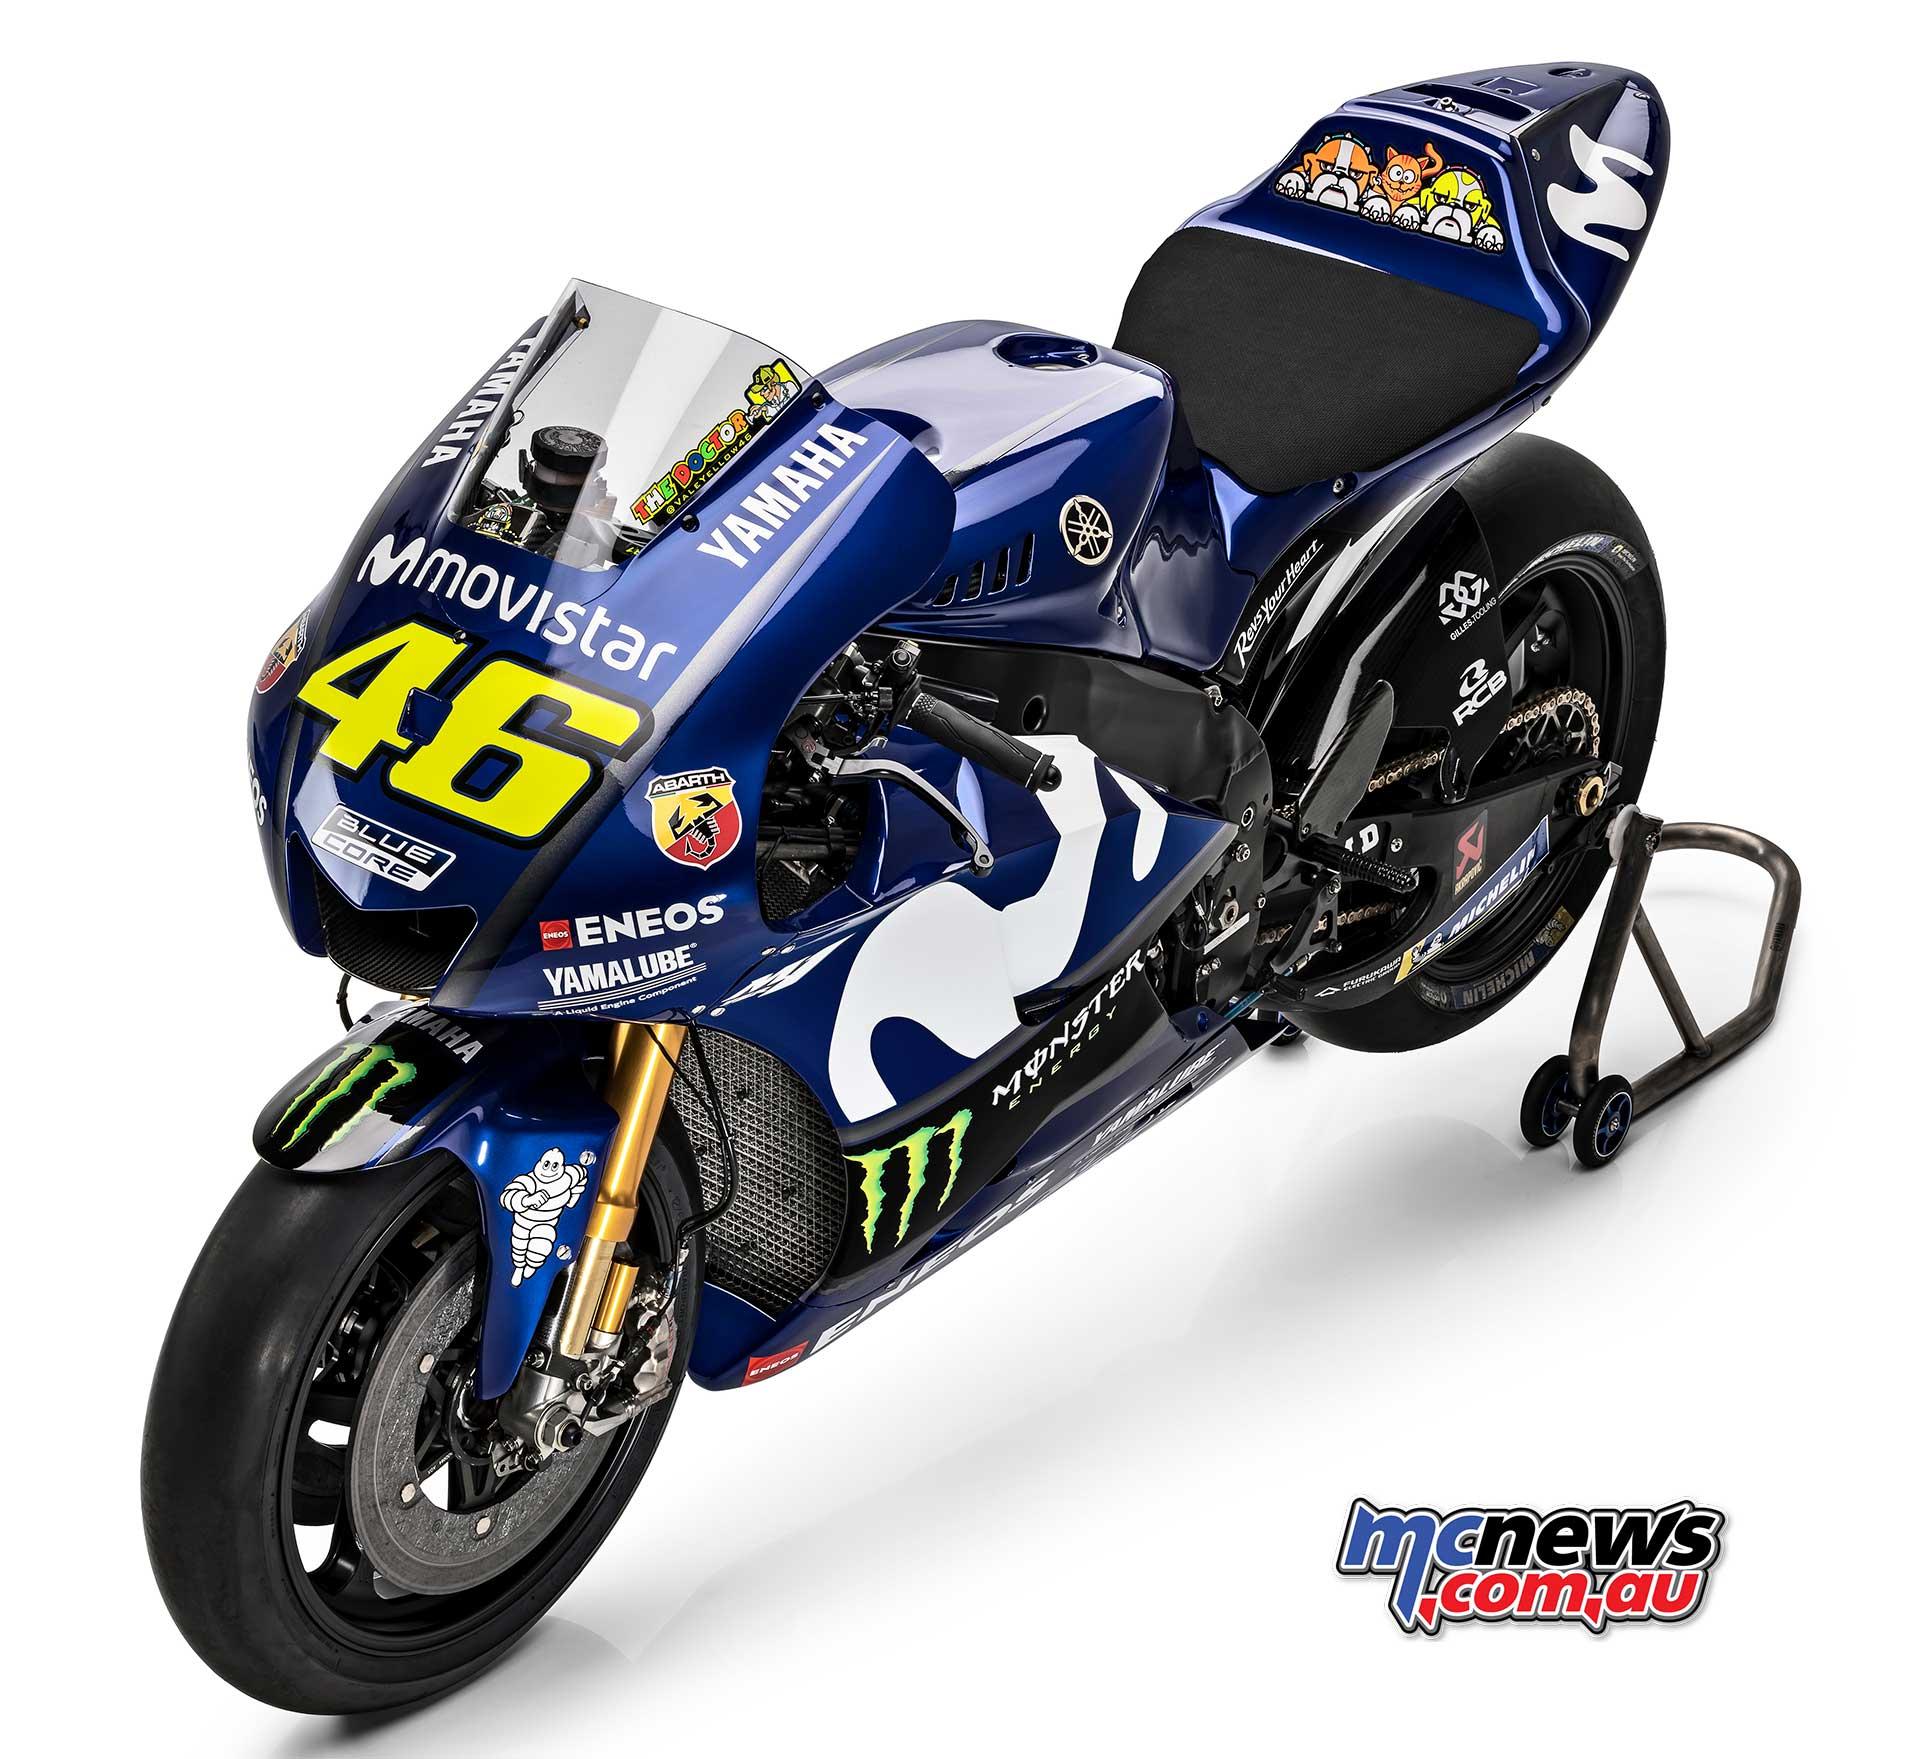 2018 Yamaha YZR-M1 Reveal | MotoGP Launch | MCNews.com.au